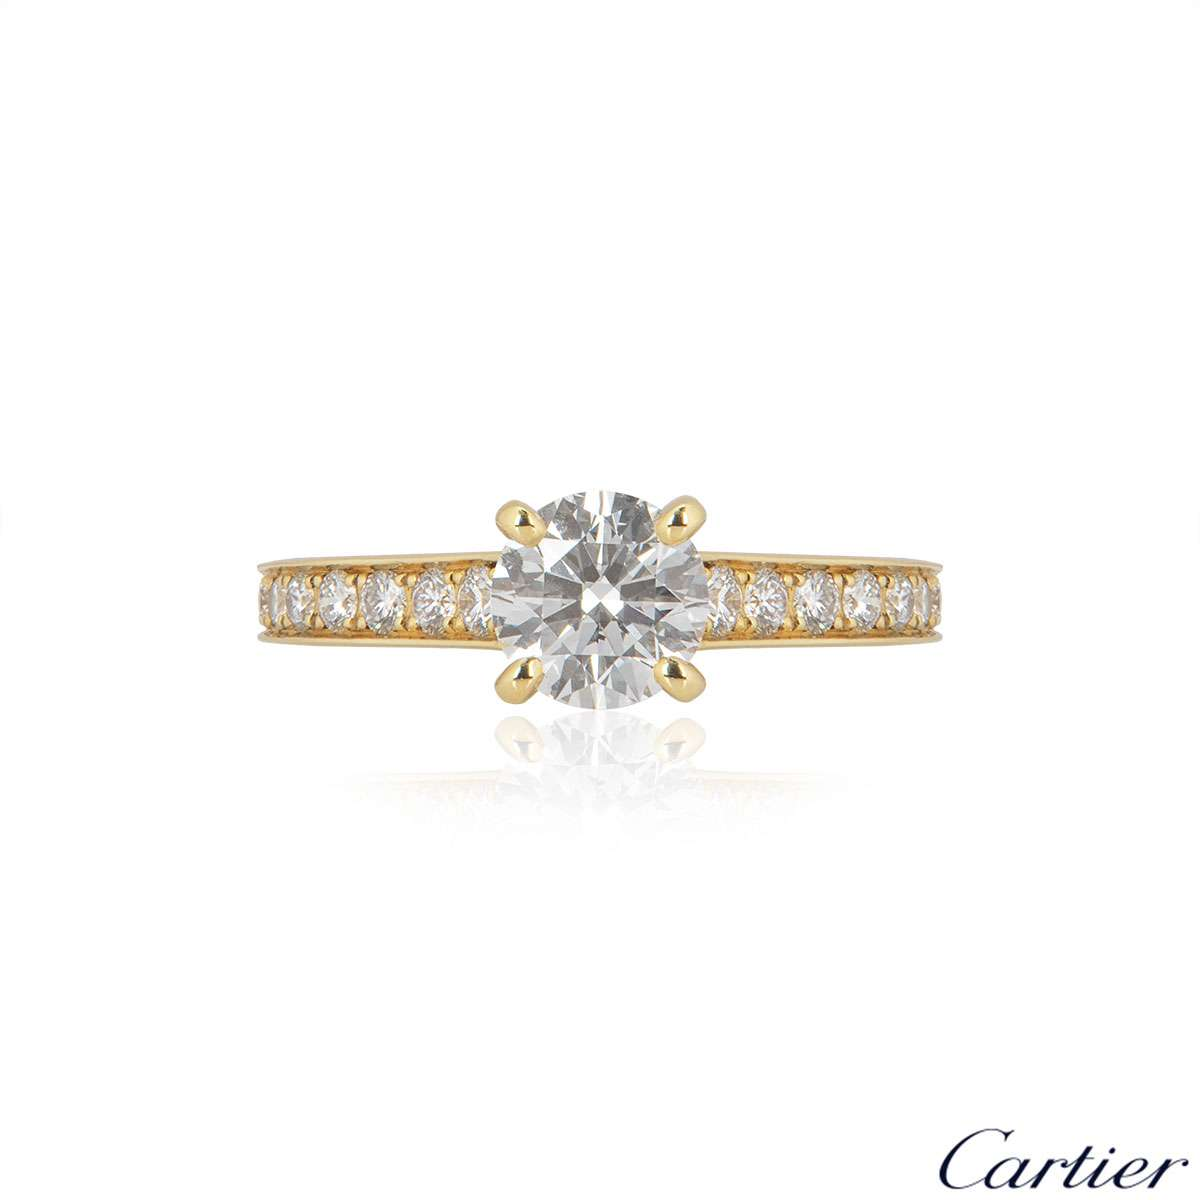 Cartier Solitaire 1895 Diamond Ring 1.06ct H/VVS1 XXX